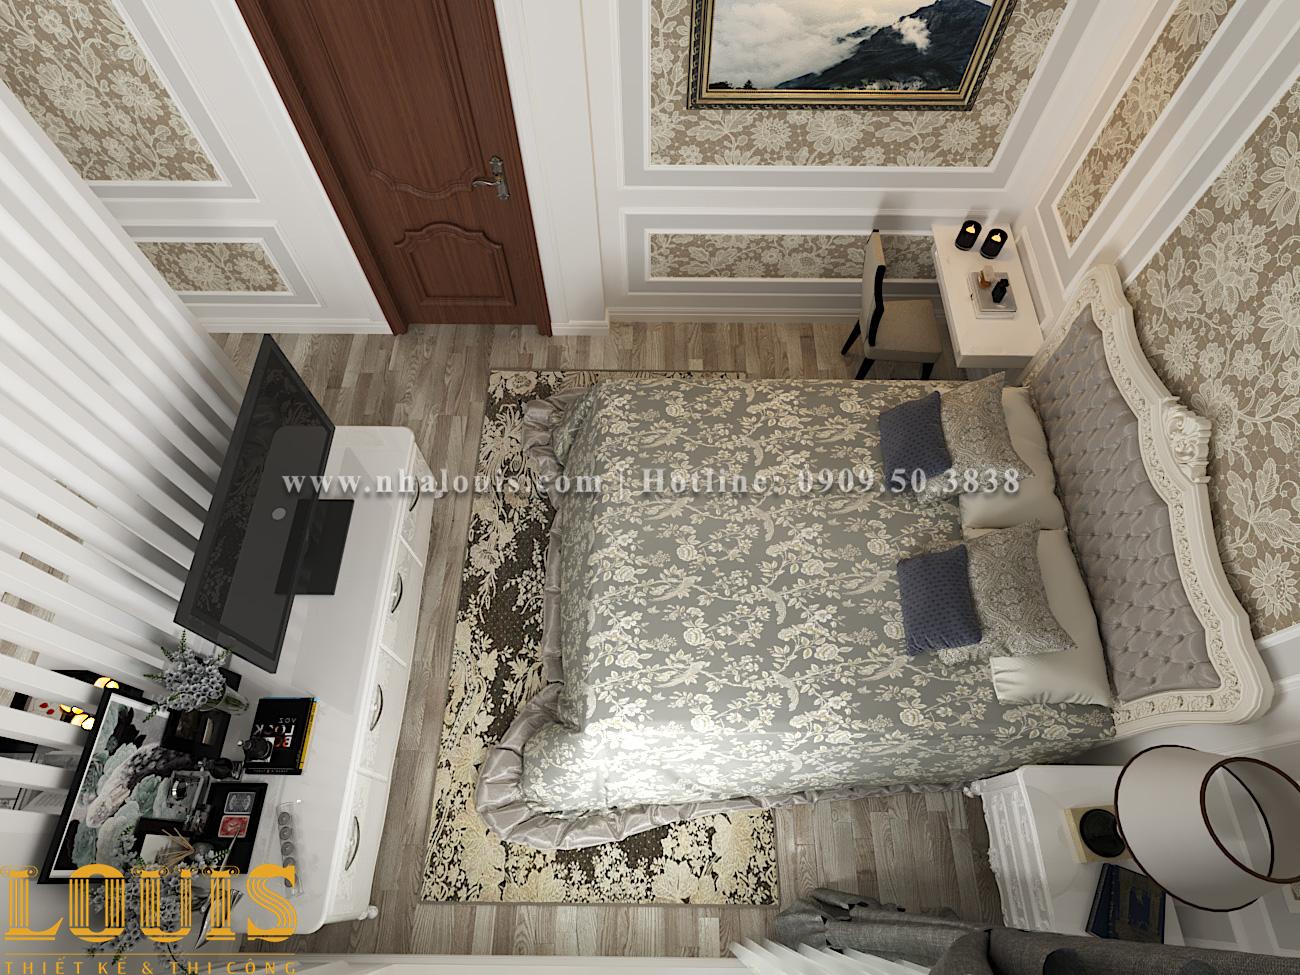 Phòng ngủ Mẫu nhà ống tân cổ điển 4 tầng tại Gò Vấp đẹp sang chảnh - 26